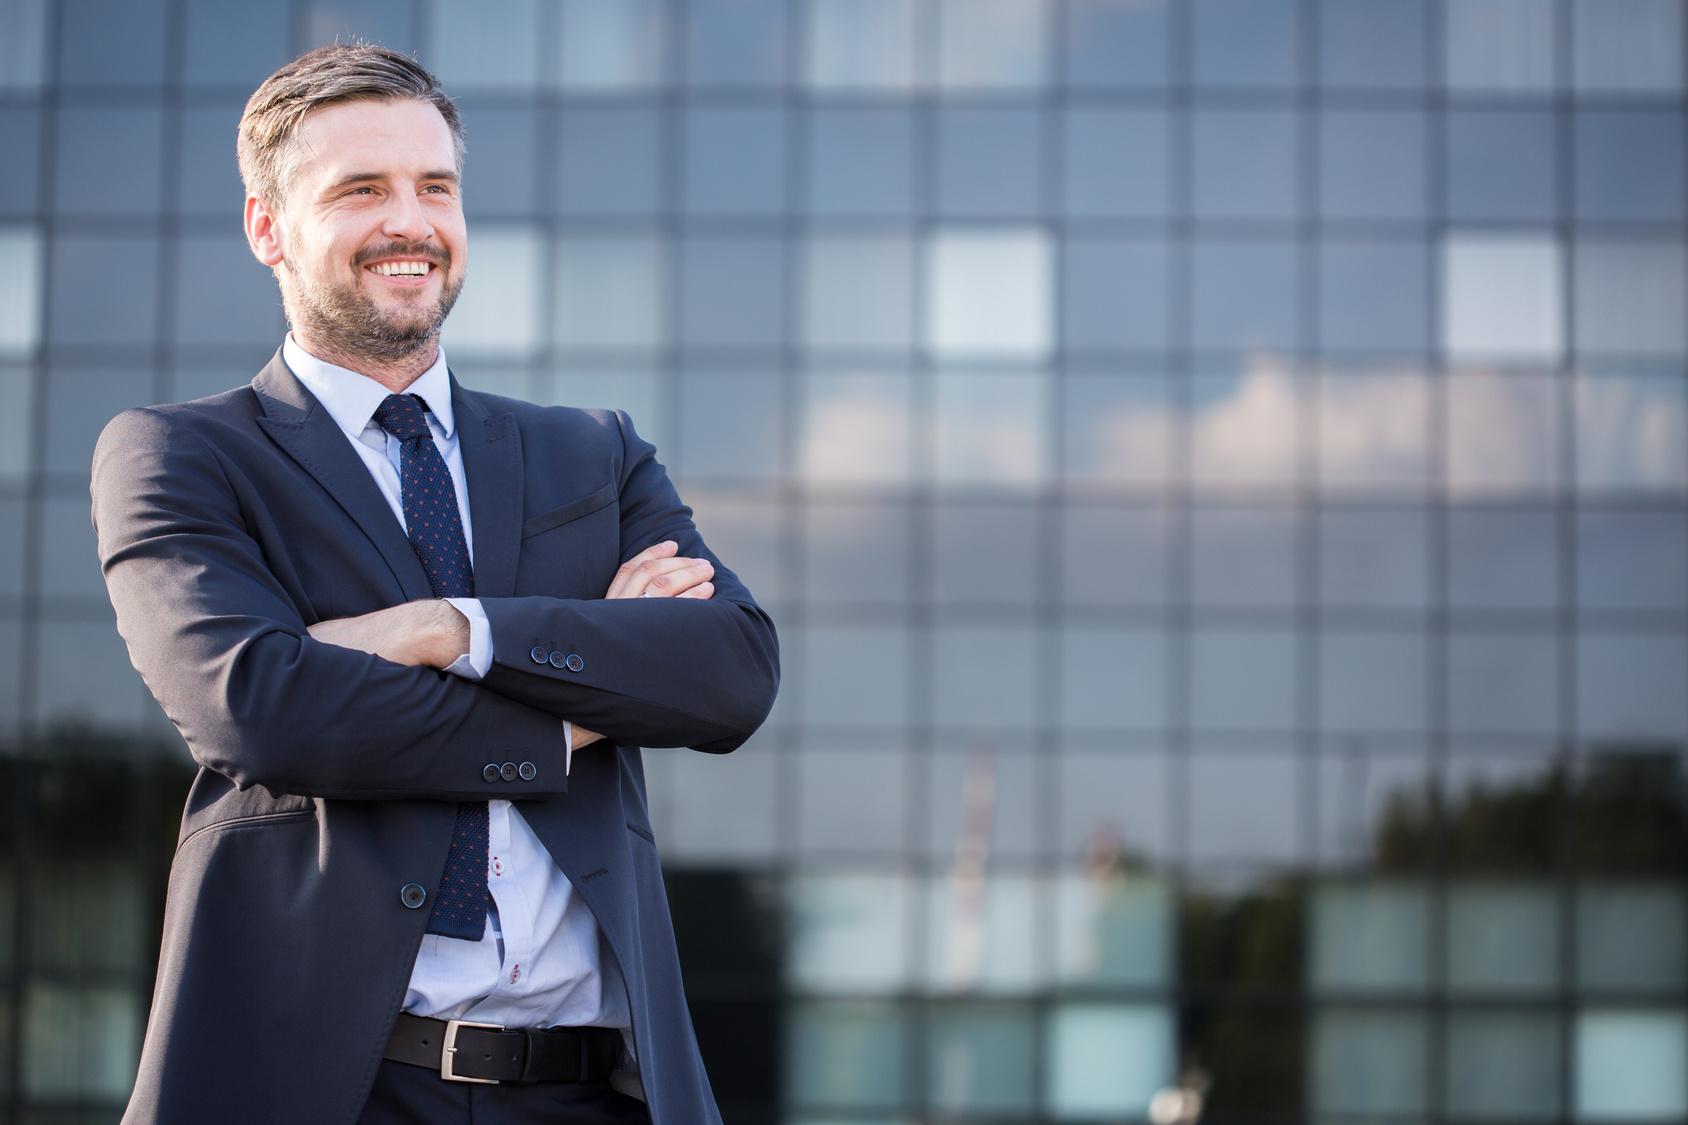 Teams Erfolgreich Führen: Wertschätzung Als Schlüsselfaktor